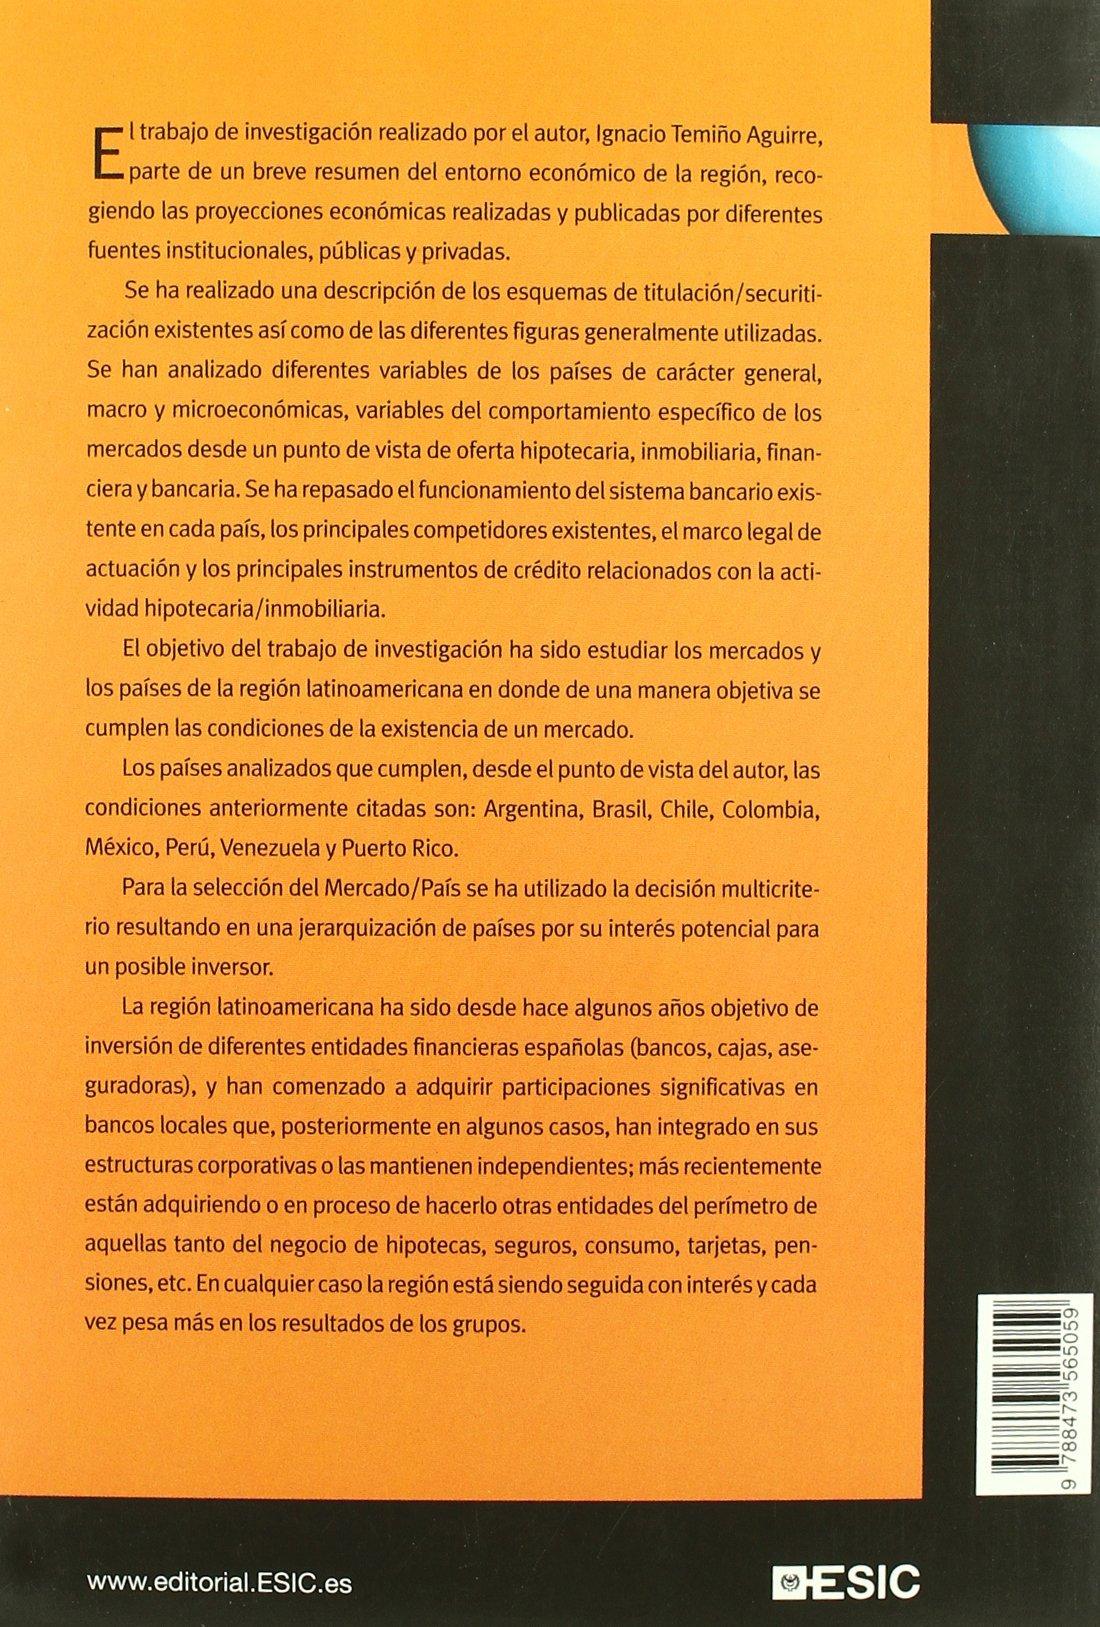 El mercado hipotecario en Latinoamerica: Una visión de negocio. Antecedentes y oportunidades de desarrollo. Libros profesionales: Amazon.es: Ignacio Temiño ...